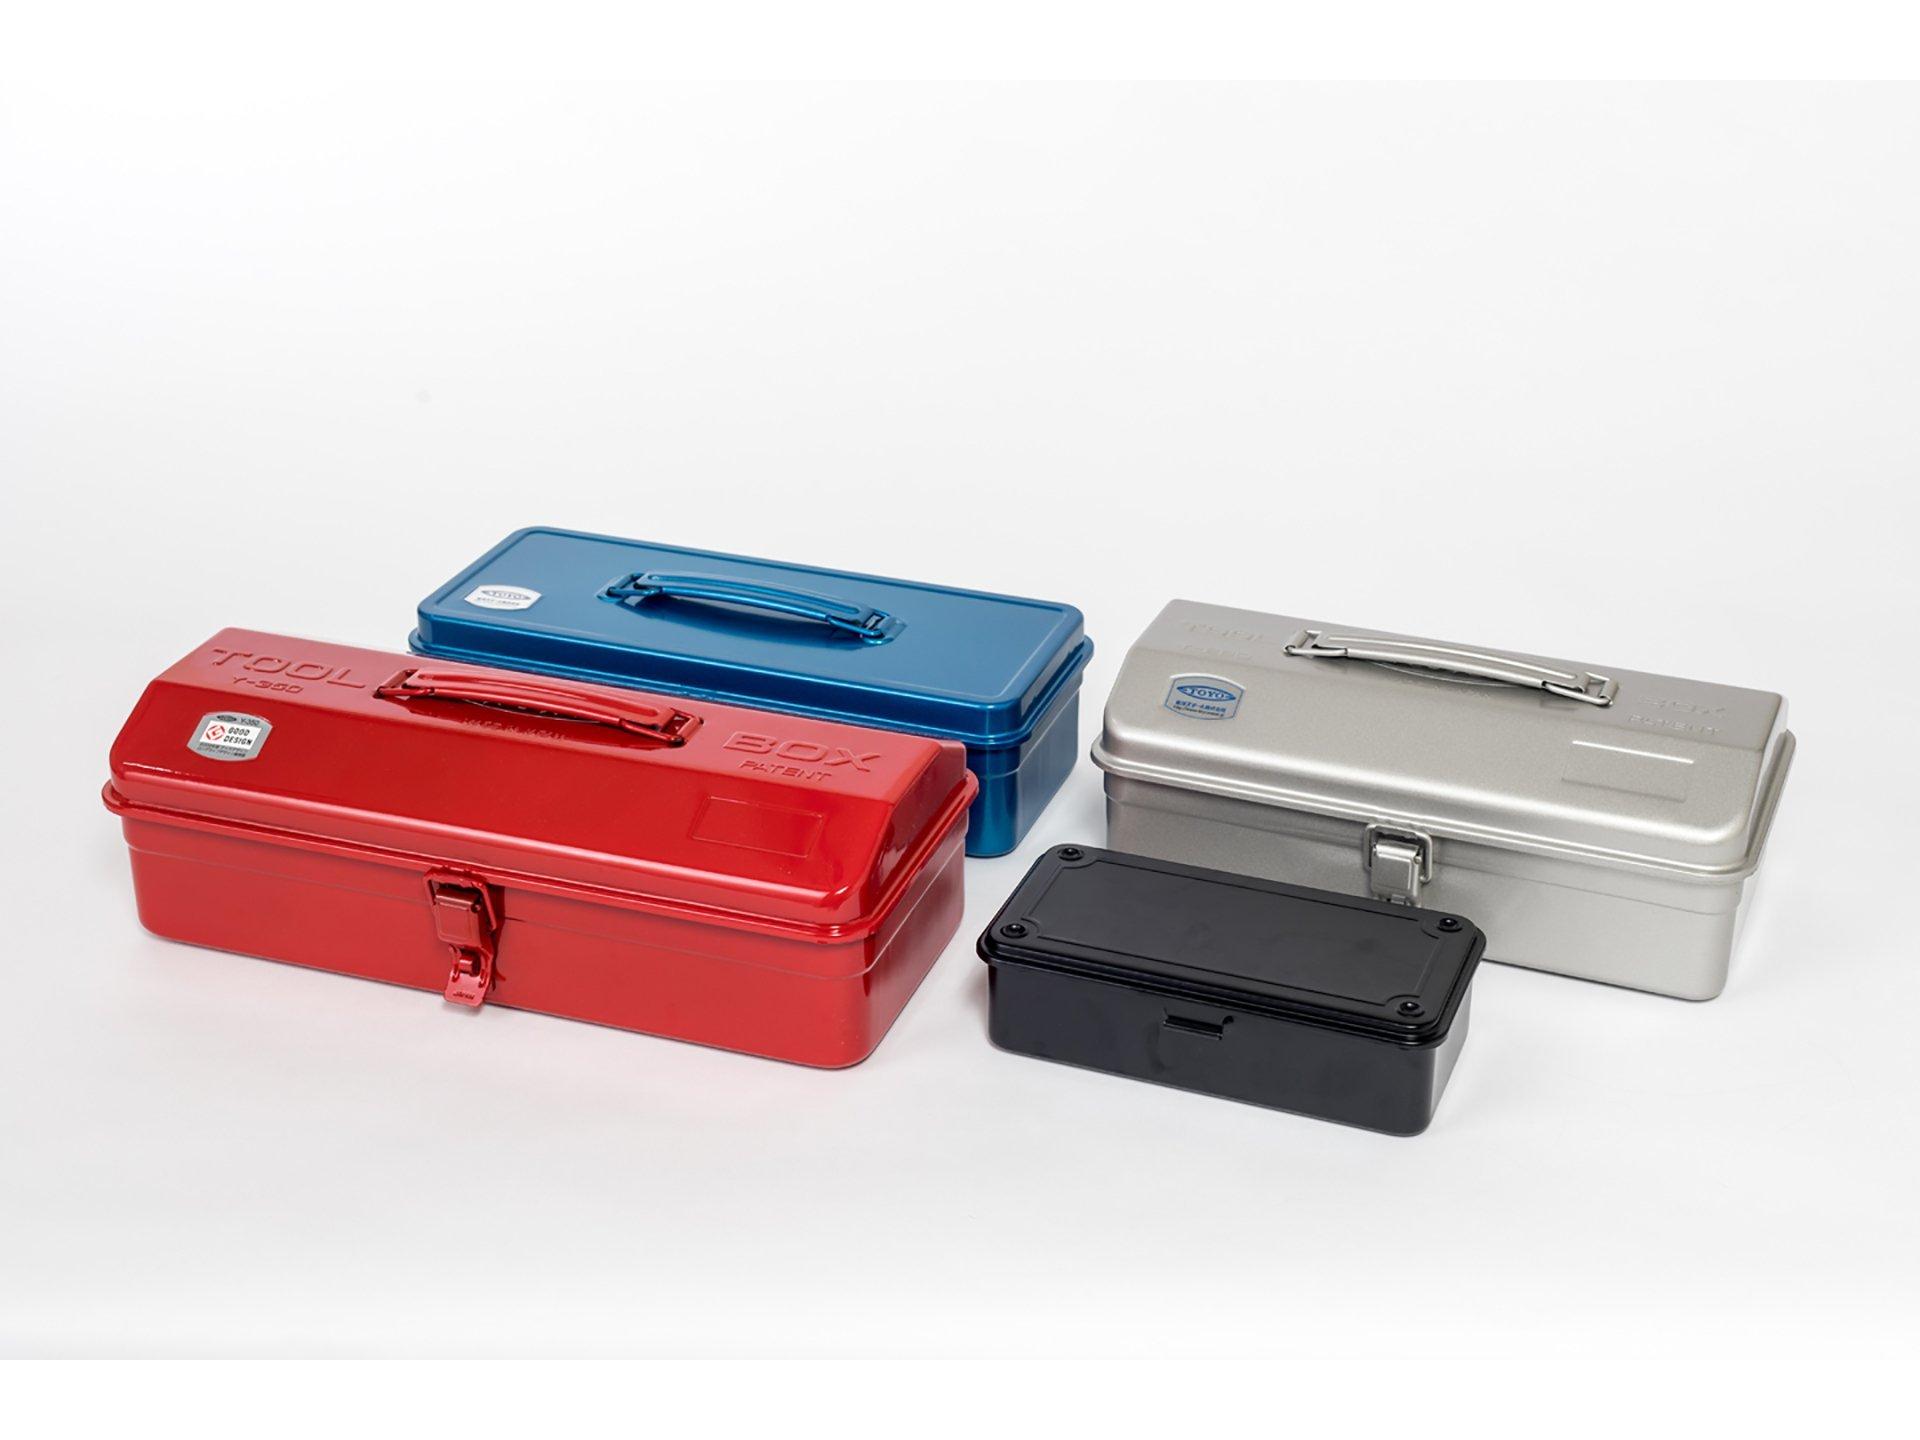 Toyo Steel Werkzeugkiste Tool Box kaufen   Modulor